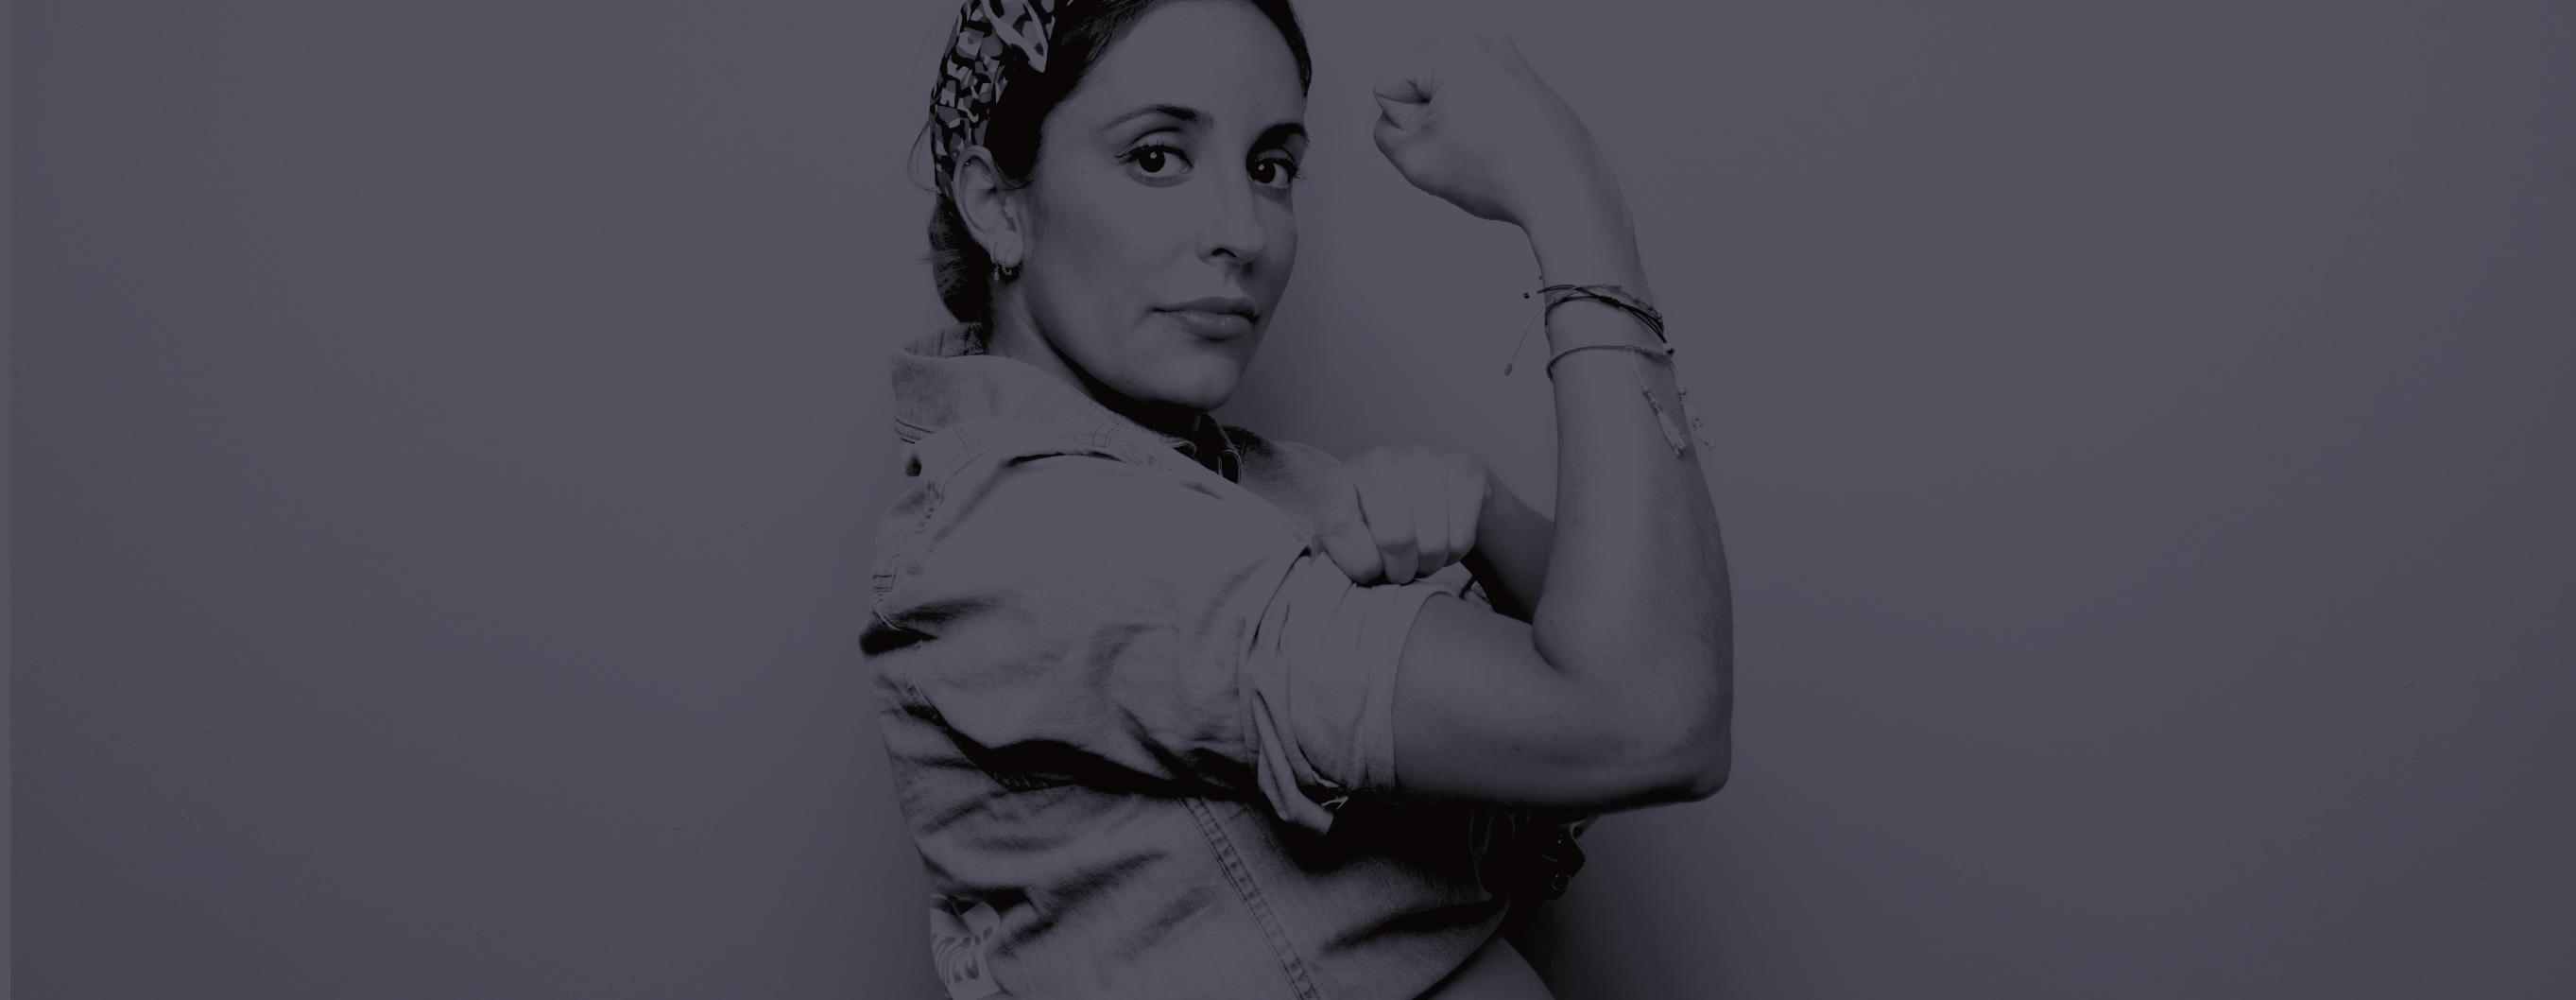 MAMIfit mide La práctica de actividad física en las mujeres antes y después del confinamiento